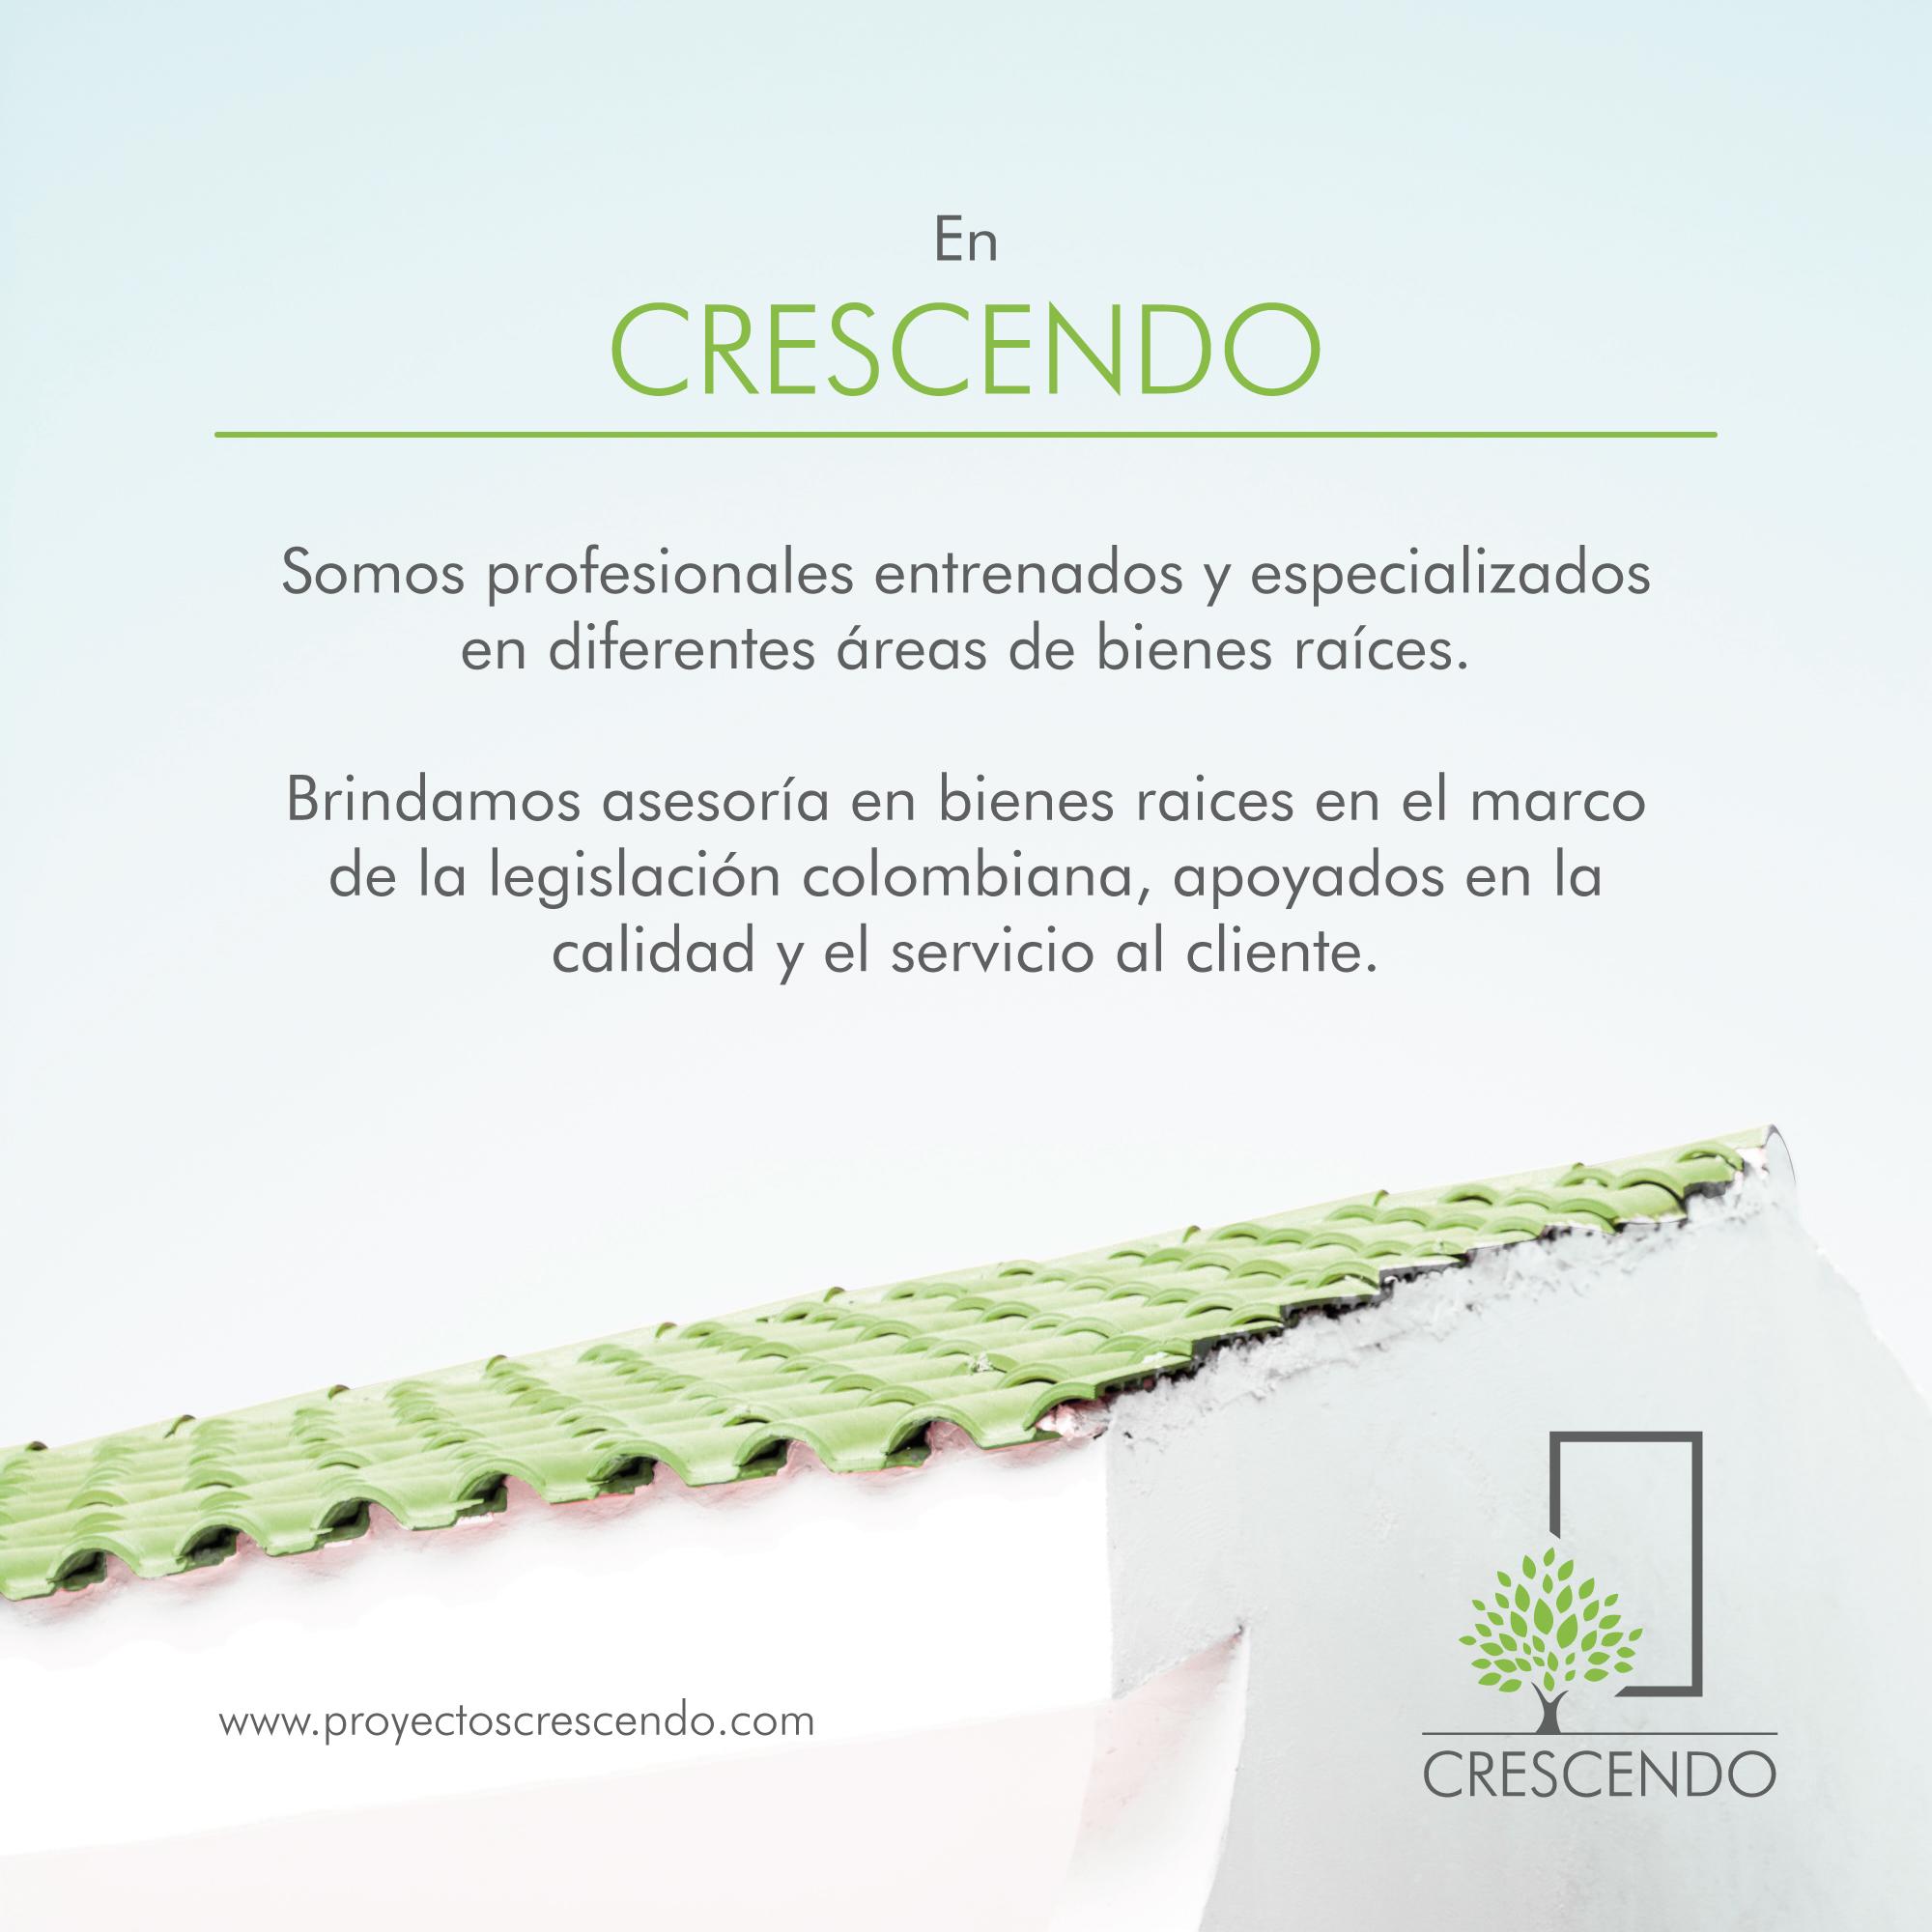 17_06_13_Post_Referidos_Crescendo_2